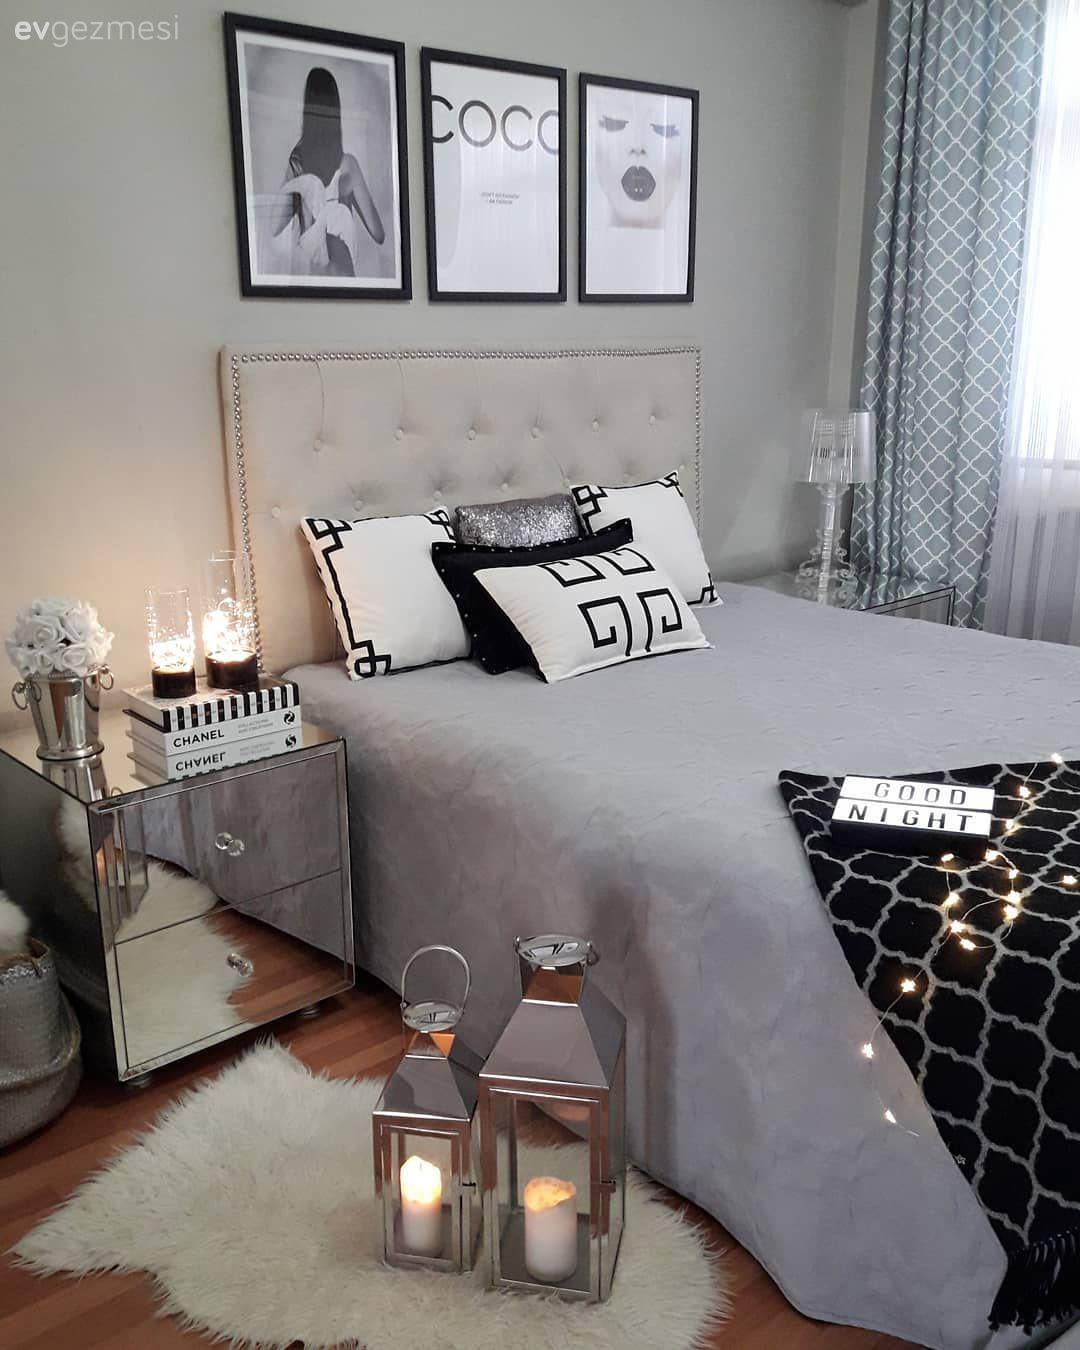 Kaliteli Uyku için Yatak Odası Düzenlemeleri